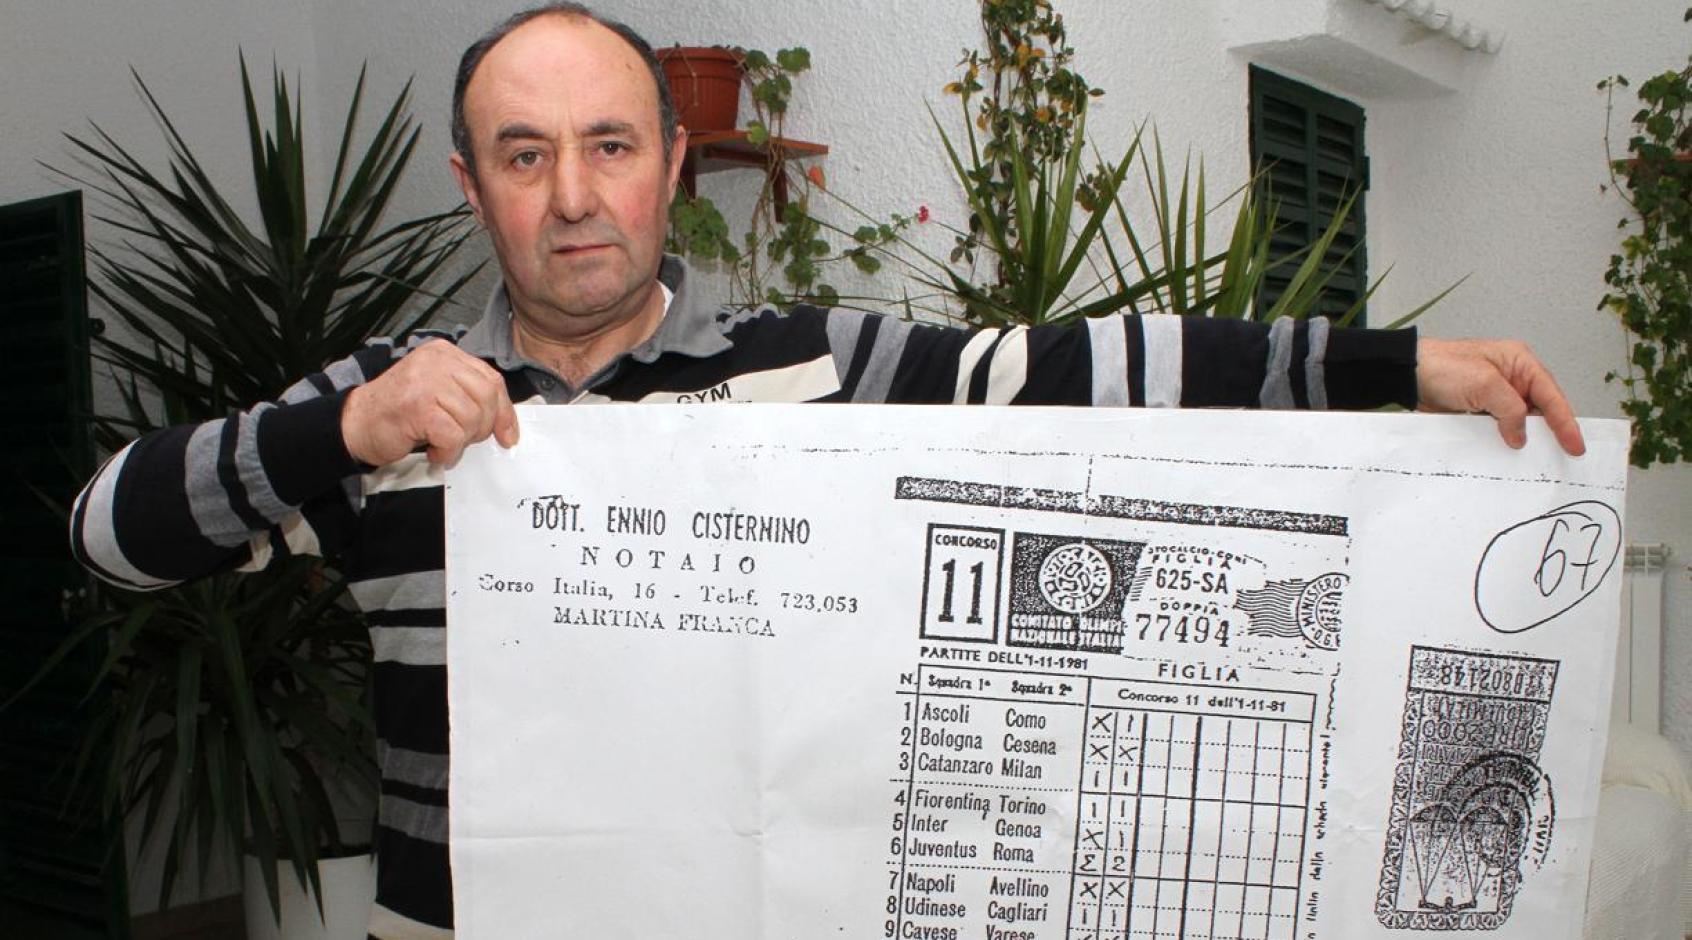 Борьба за выигрыш в TotoCalcio длиною в 37 лет. Загадочное дело Мартино Шьяльпи